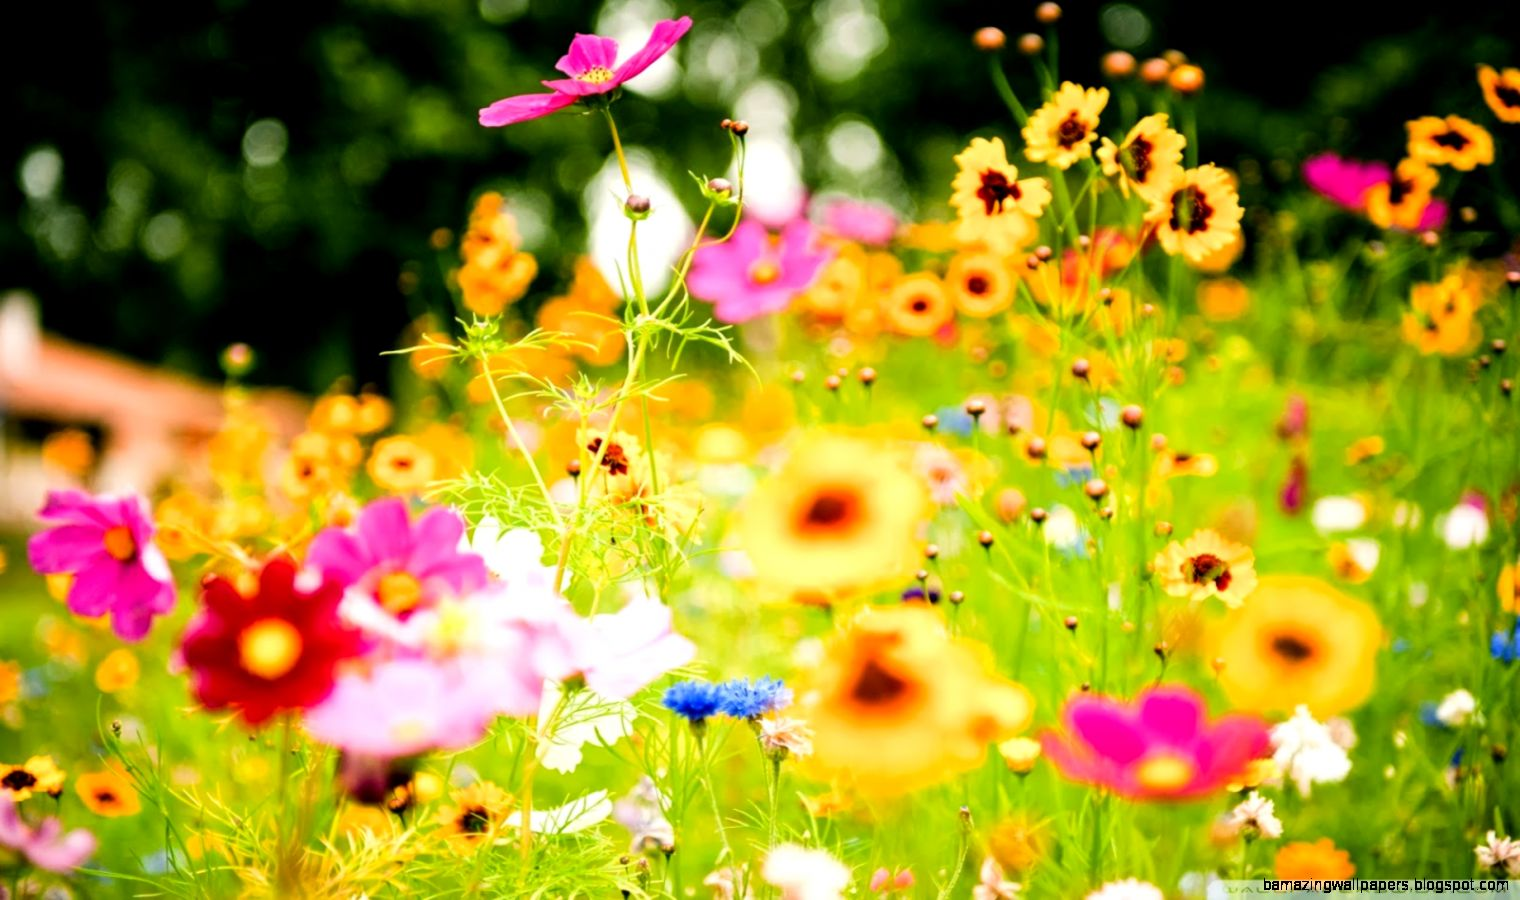 View Original Size Summertime Flowers Wallpaper 1600x1200 23614